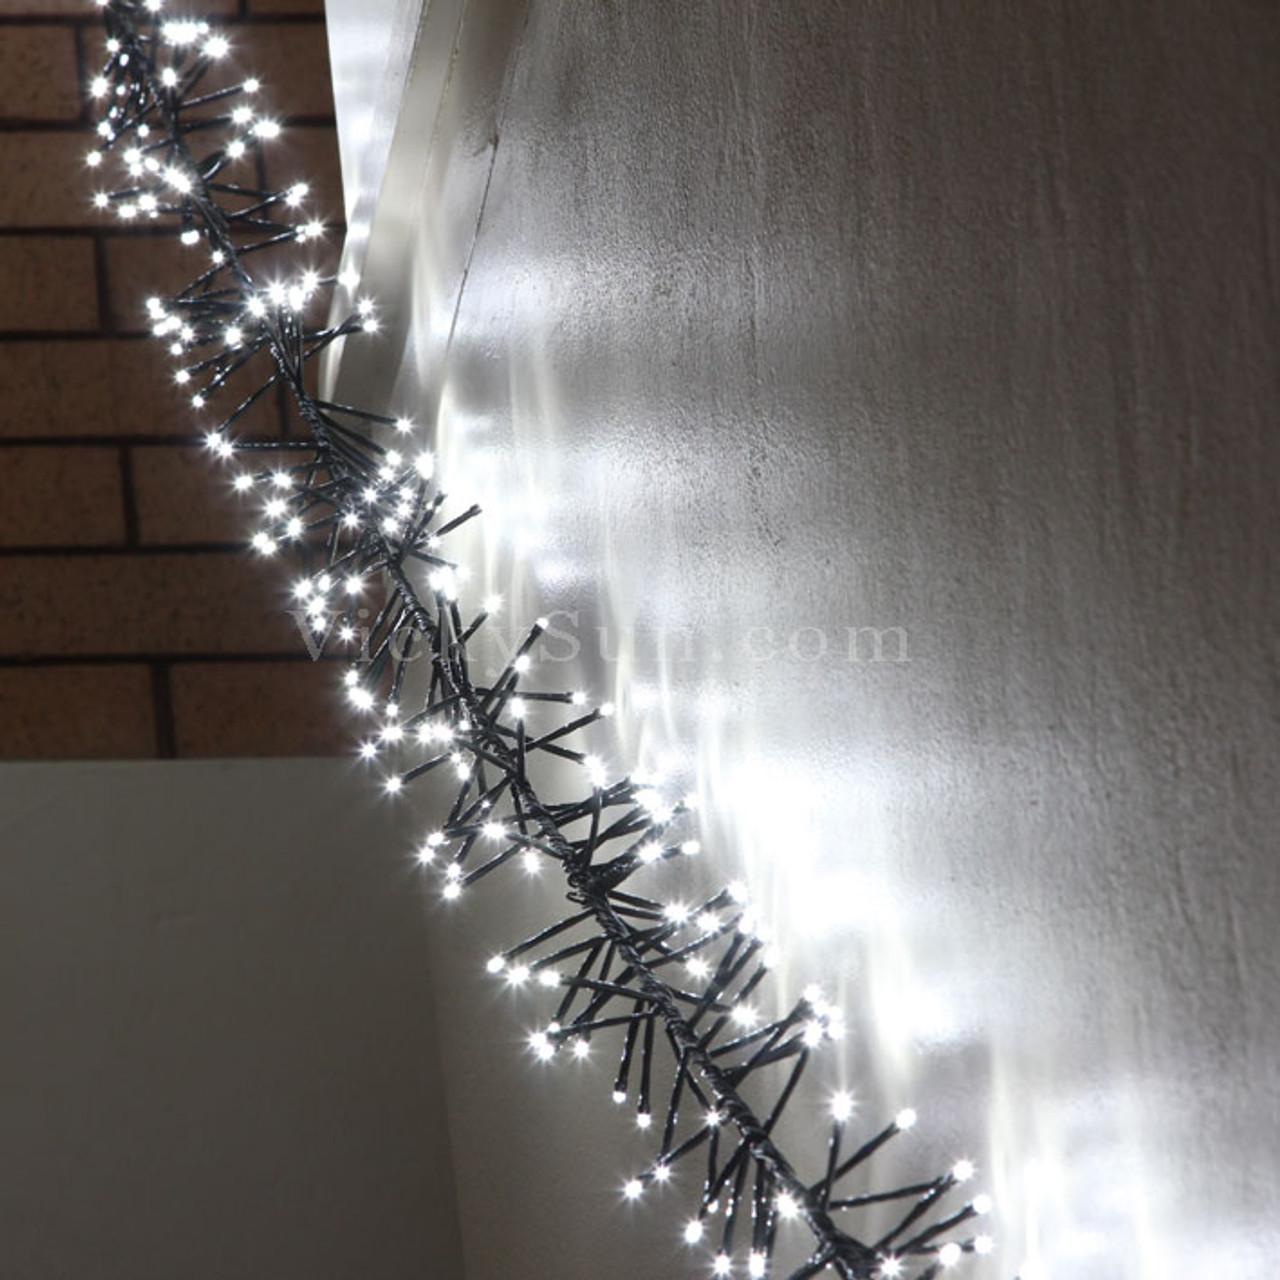 White String Christmas Lights.7 5m 672 Led White Firecracker Chaser String Christmas Lights Green Wire